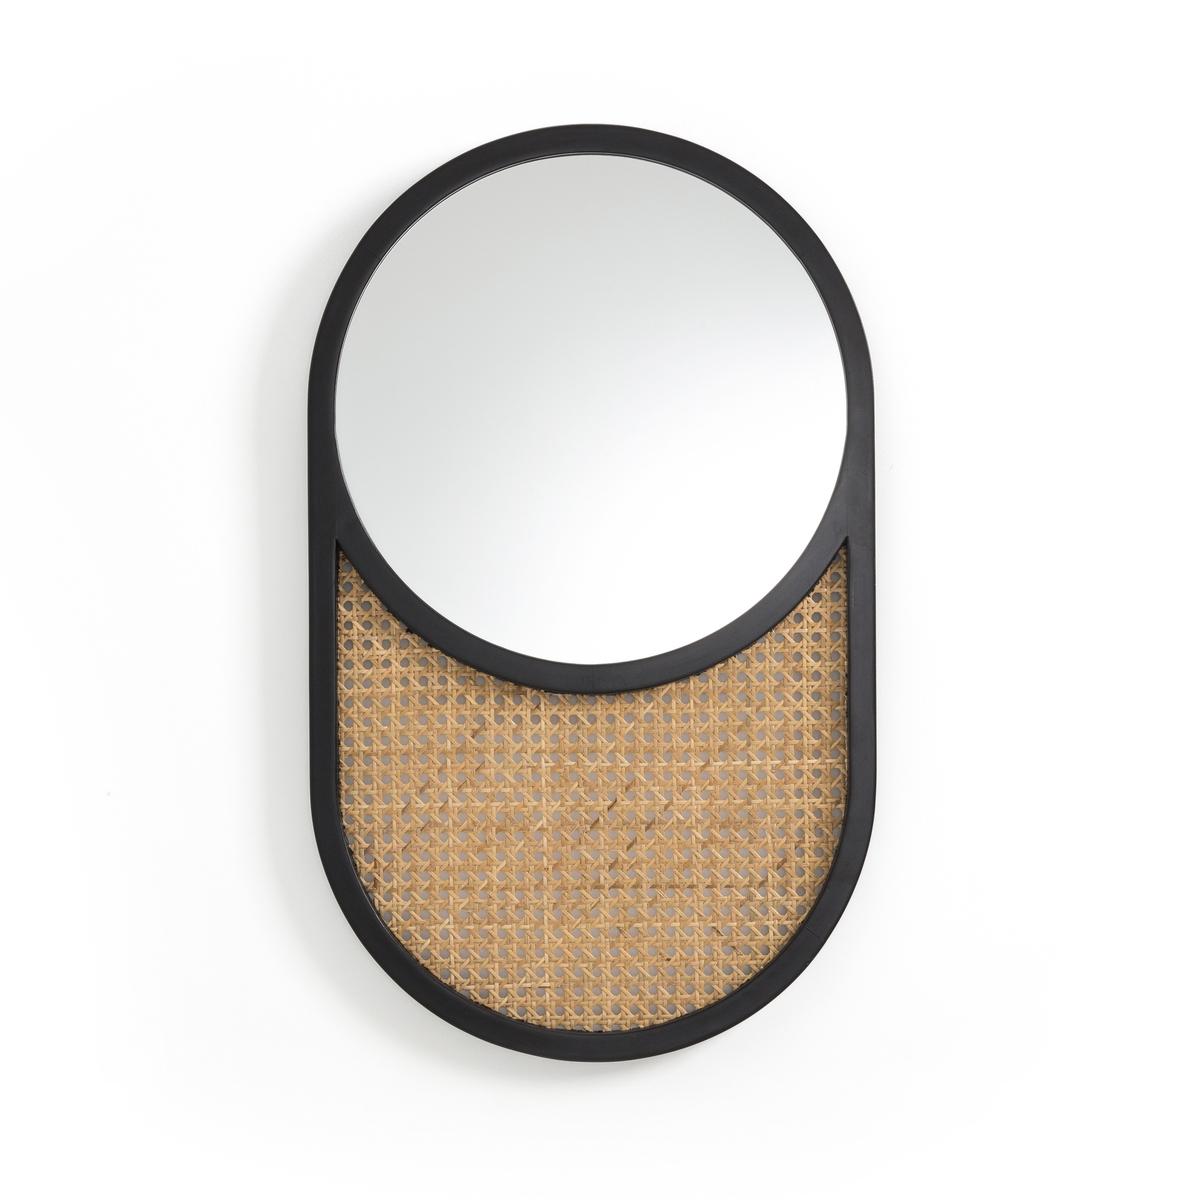 Зеркало La Redoute Из дуба и плетения Waska единый размер черный ковер la redoute горизонтального плетения с рисунком цементная плитка iswik 120 x 170 см бежевый